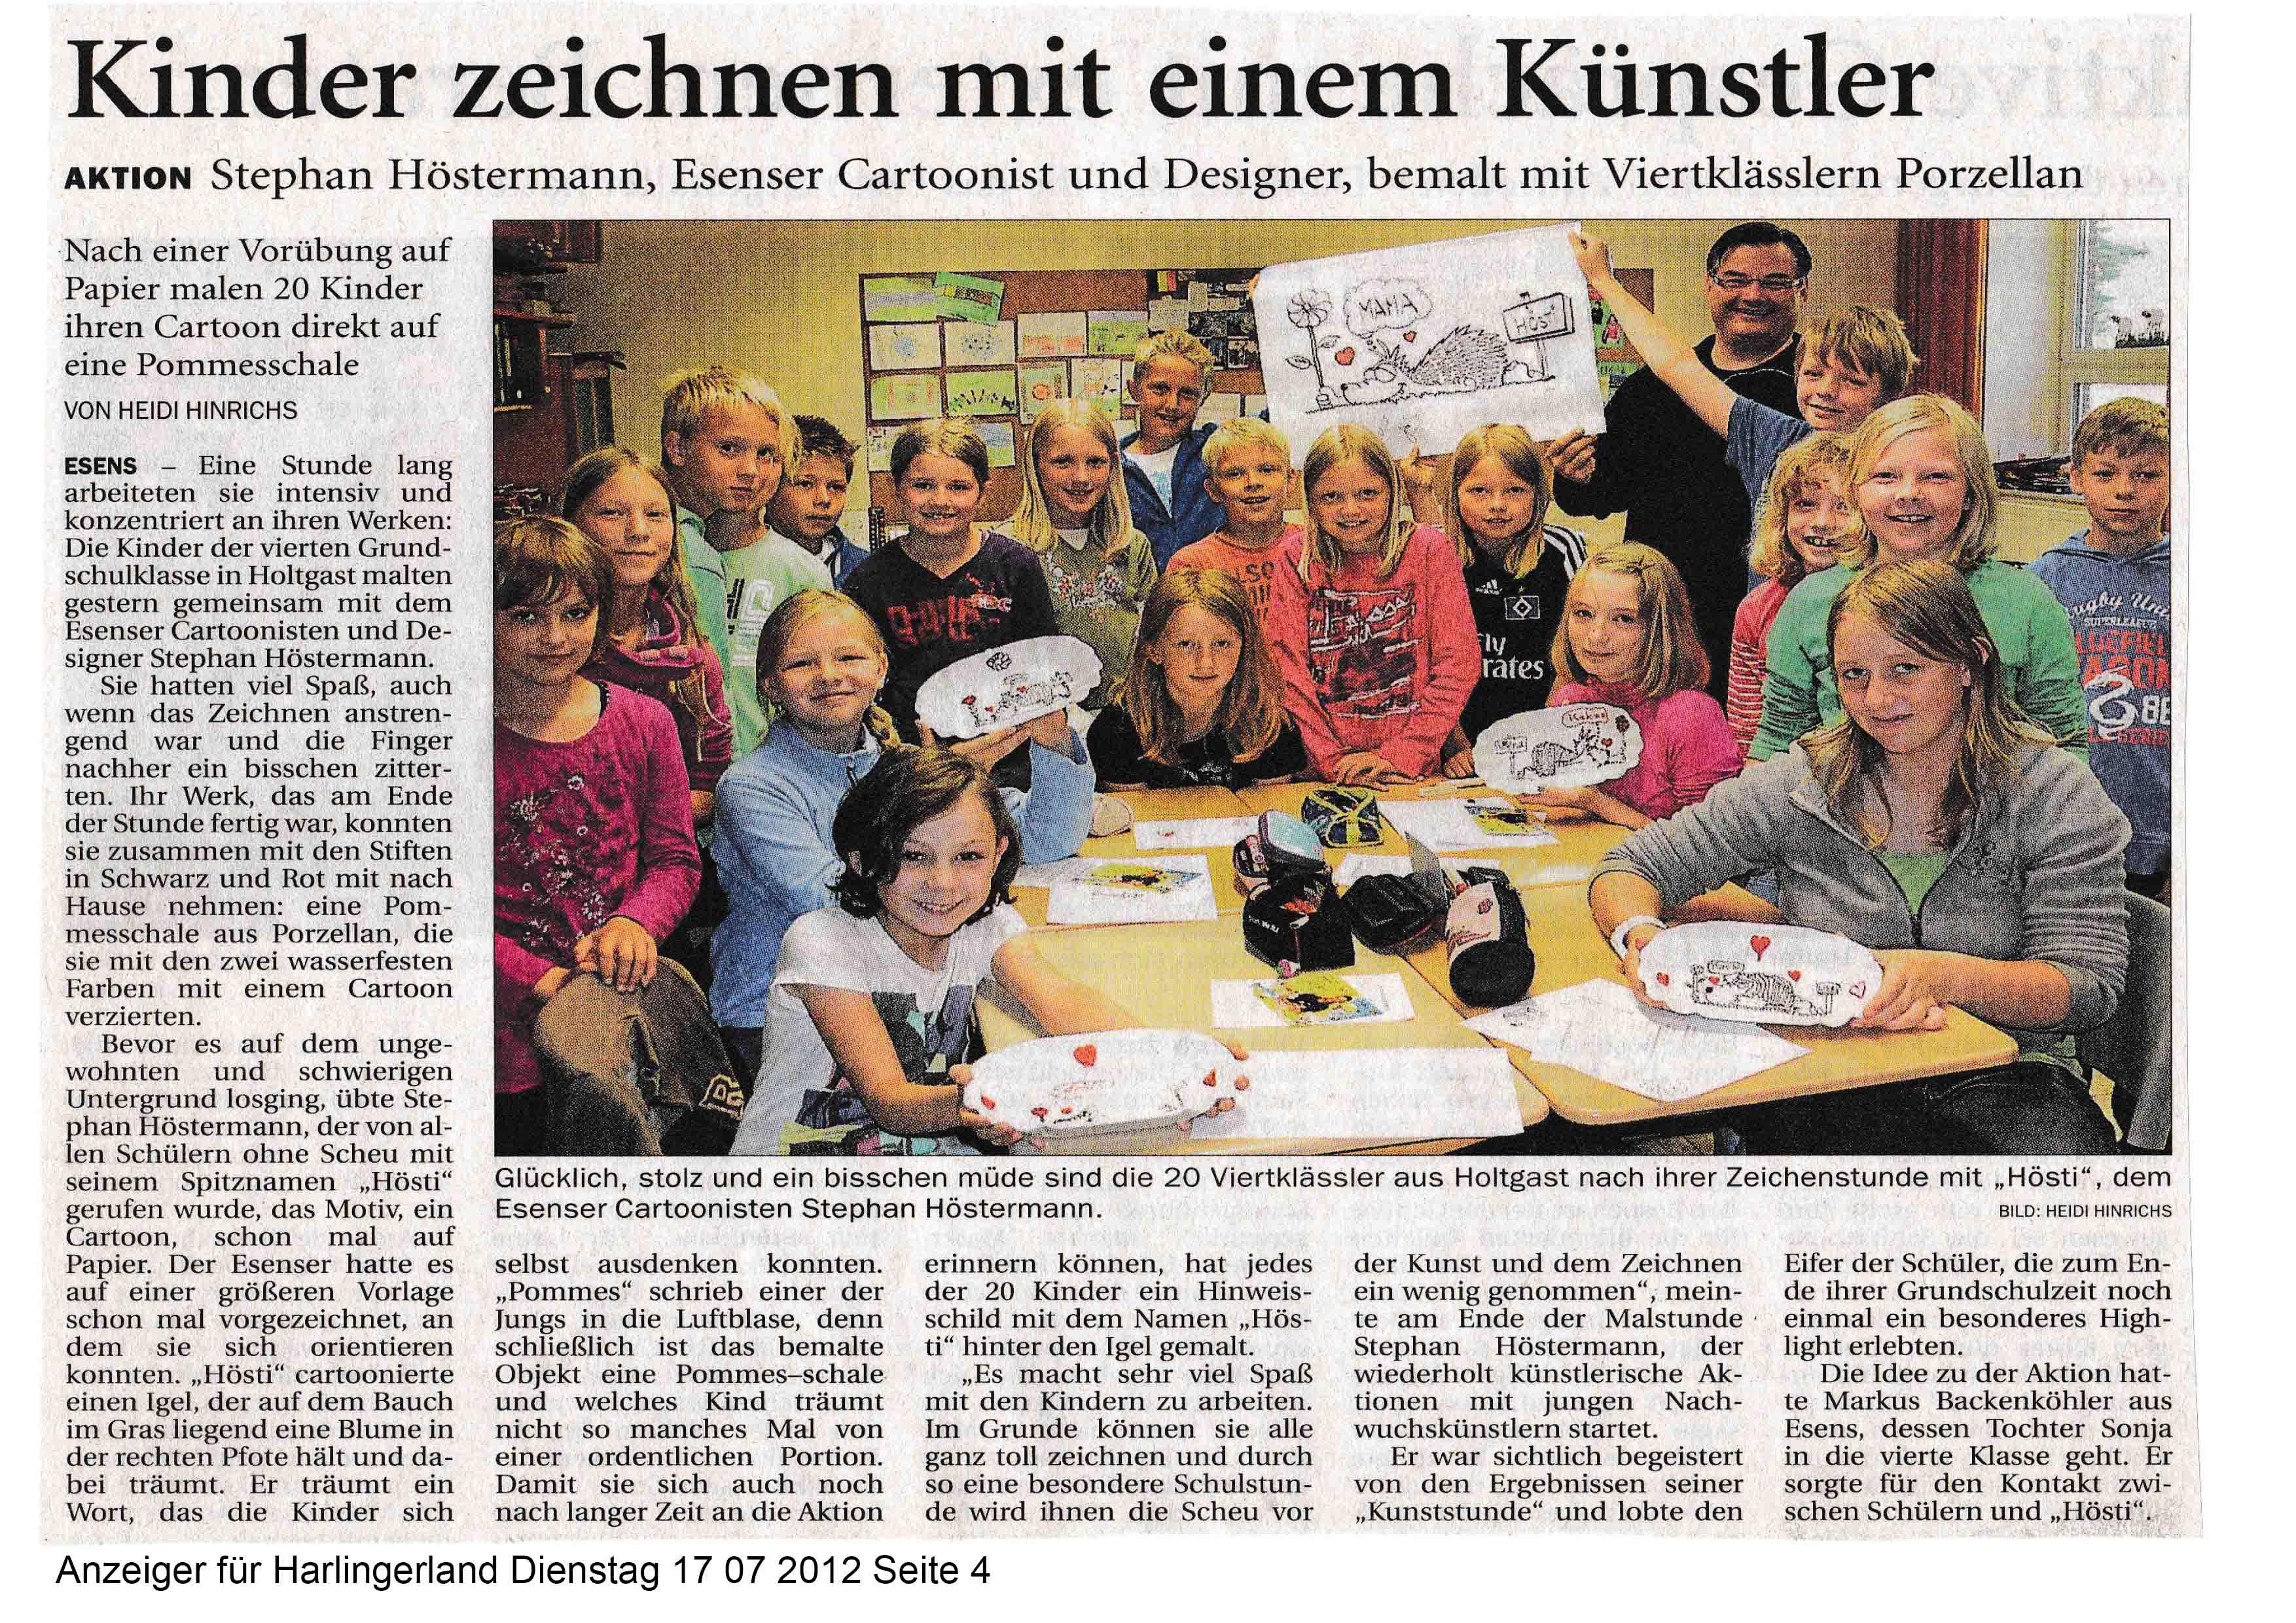 Anzeiger für Harlingerland Dienstag 17 07 2012 Seite 4